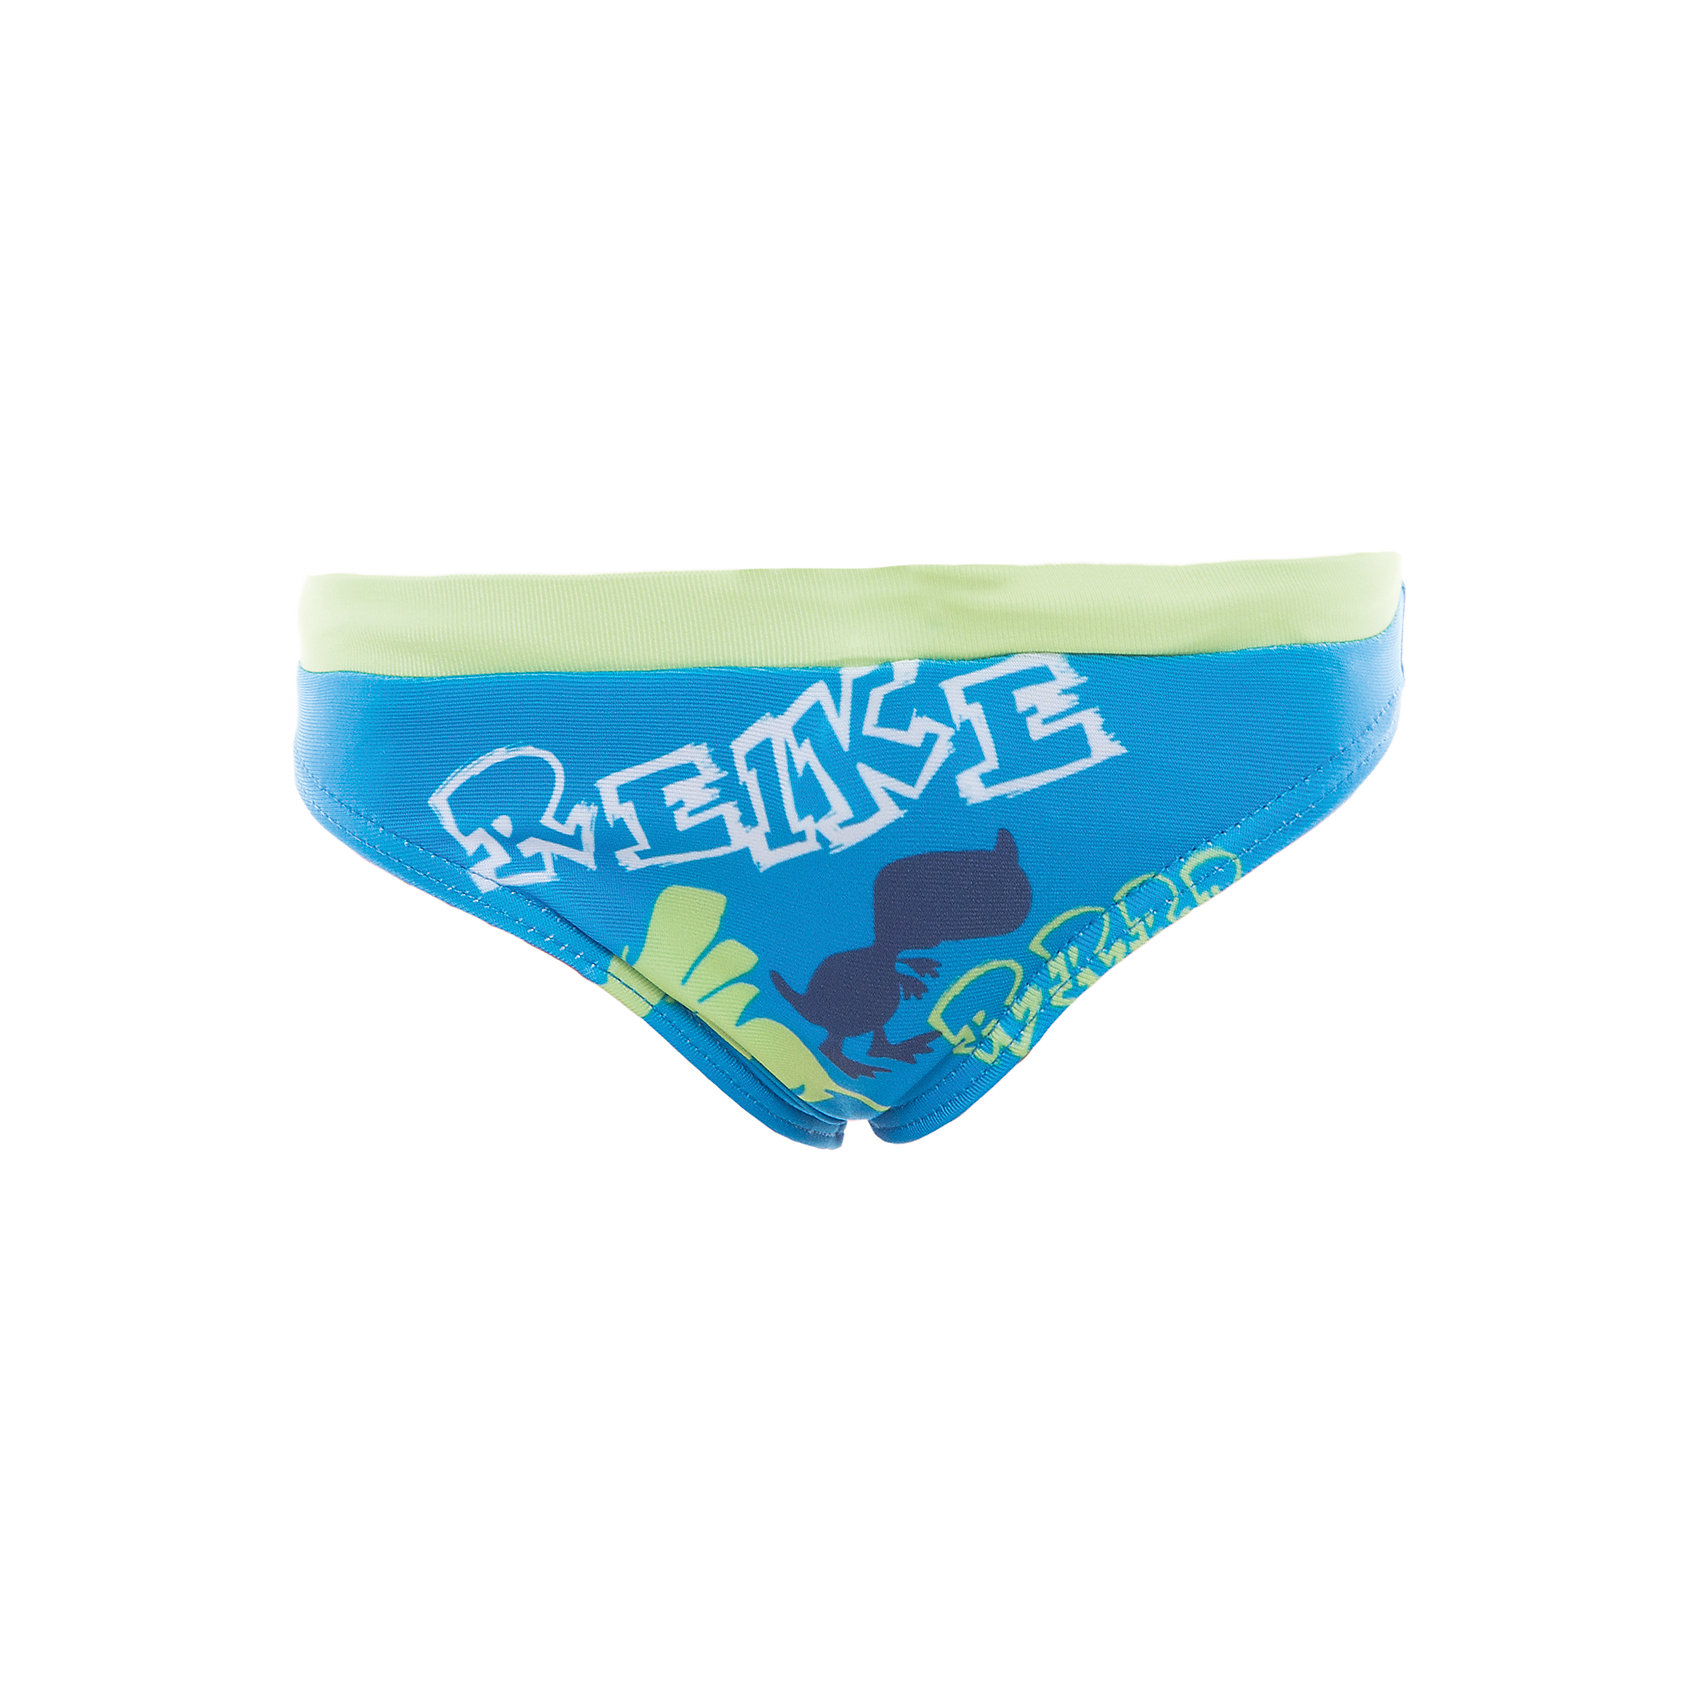 Плавки Reike для мальчикаКупальники и плавки<br>Характеристики товара:<br><br>• цвет: голубой<br>• состав: 85% полиэстер, 15% полиуретан<br>• декорированы принтом<br>• эластичный материал<br>• быстро сохнут<br>• мягкая резинка в поясе<br>• страна бренда: Финляндия<br><br>Одежда для пляжного отдыха может быть стильной и удобной! Новая коллекция от известного финского производителя Reike отличается ярким дизайном, продуманностью и комфортом! Эта модель разработана специально для детей - она учитывает особенности их физиологии, а также новые тенденции в европейской моде. Стильная и удобная вещь!<br><br>Плавки для мальчика от популярного бренда Reike можно купить в нашем интернет-магазине.<br><br>Ширина мм: 183<br>Глубина мм: 60<br>Высота мм: 135<br>Вес г: 119<br>Цвет: синий<br>Возраст от месяцев: 24<br>Возраст до месяцев: 36<br>Пол: Мужской<br>Возраст: Детский<br>Размер: 98,104,92<br>SKU: 5430356